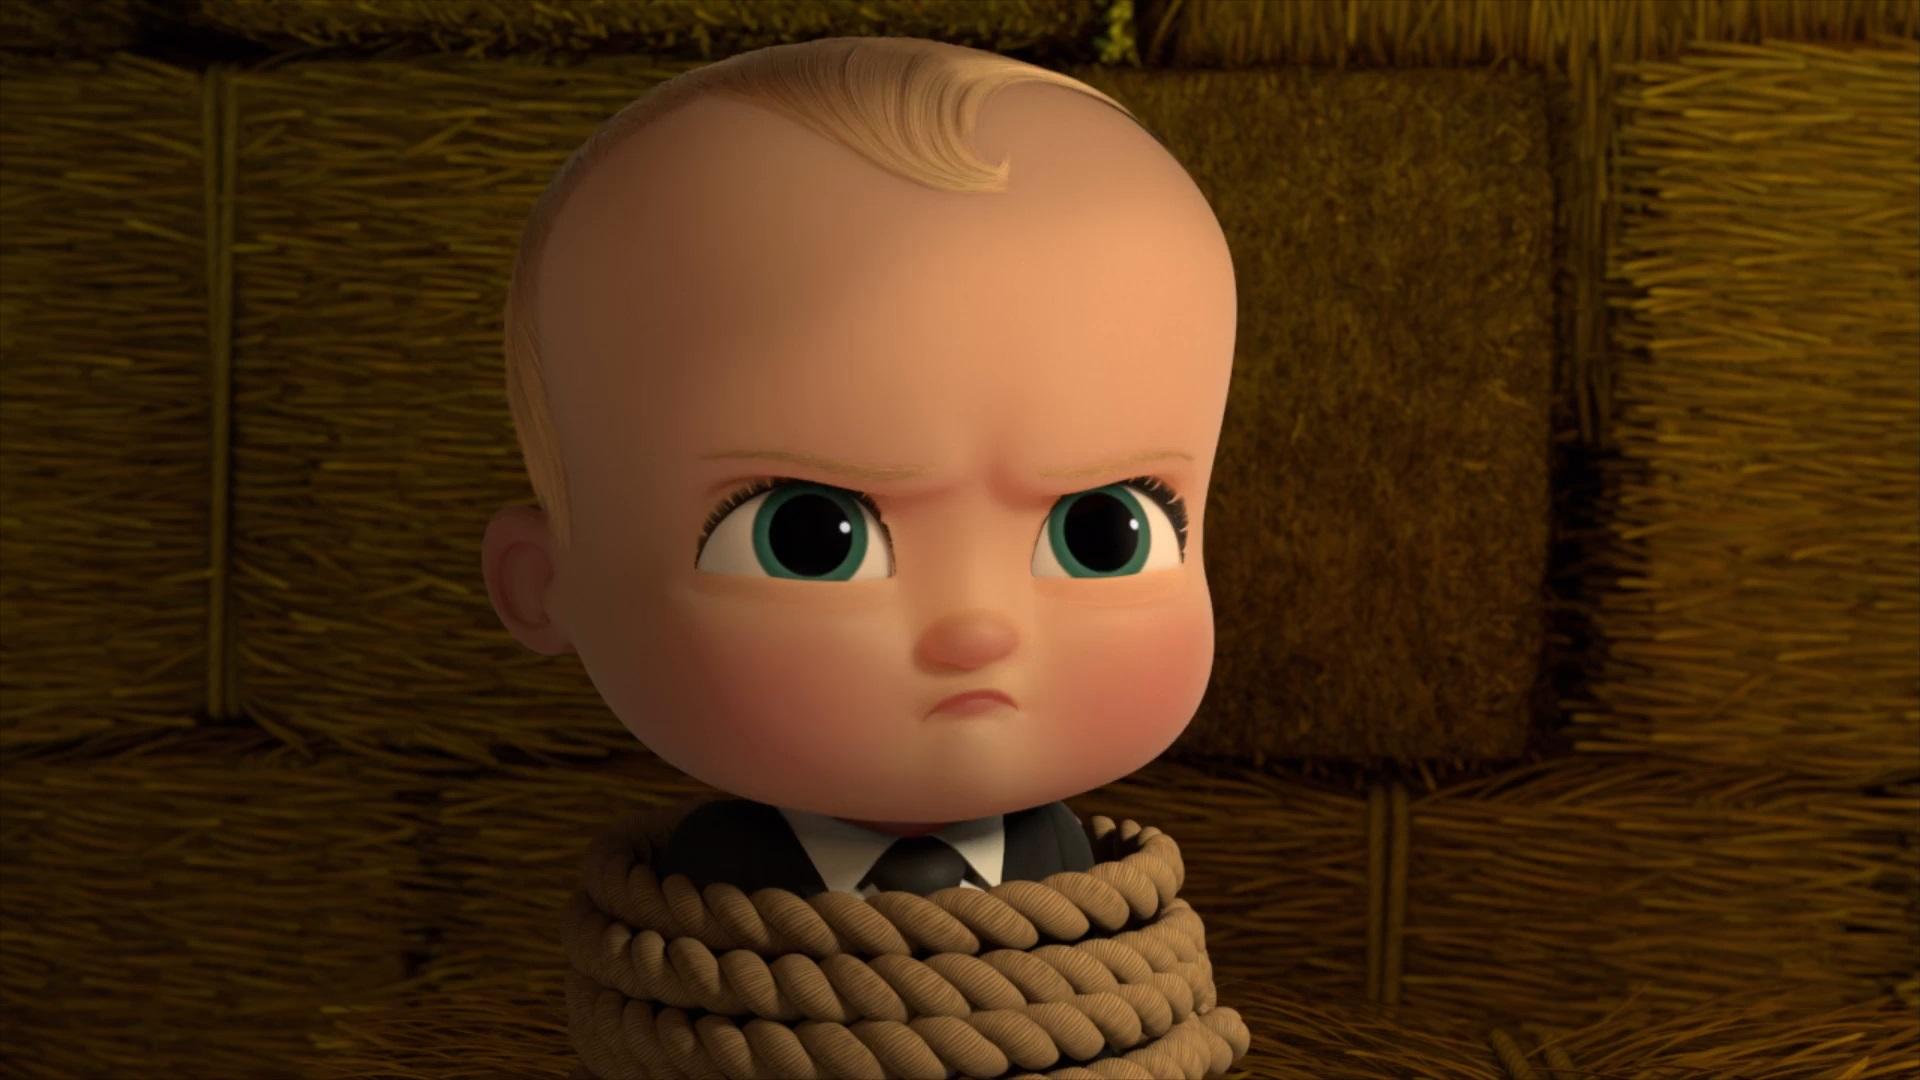 Patron Bebek: Yakala Bebeği | 2020 | WEB-DL | XviD | Türkçe Dublaj | m720p - m1080p | WEB-DL | Dual | TR-EN | Tek Link